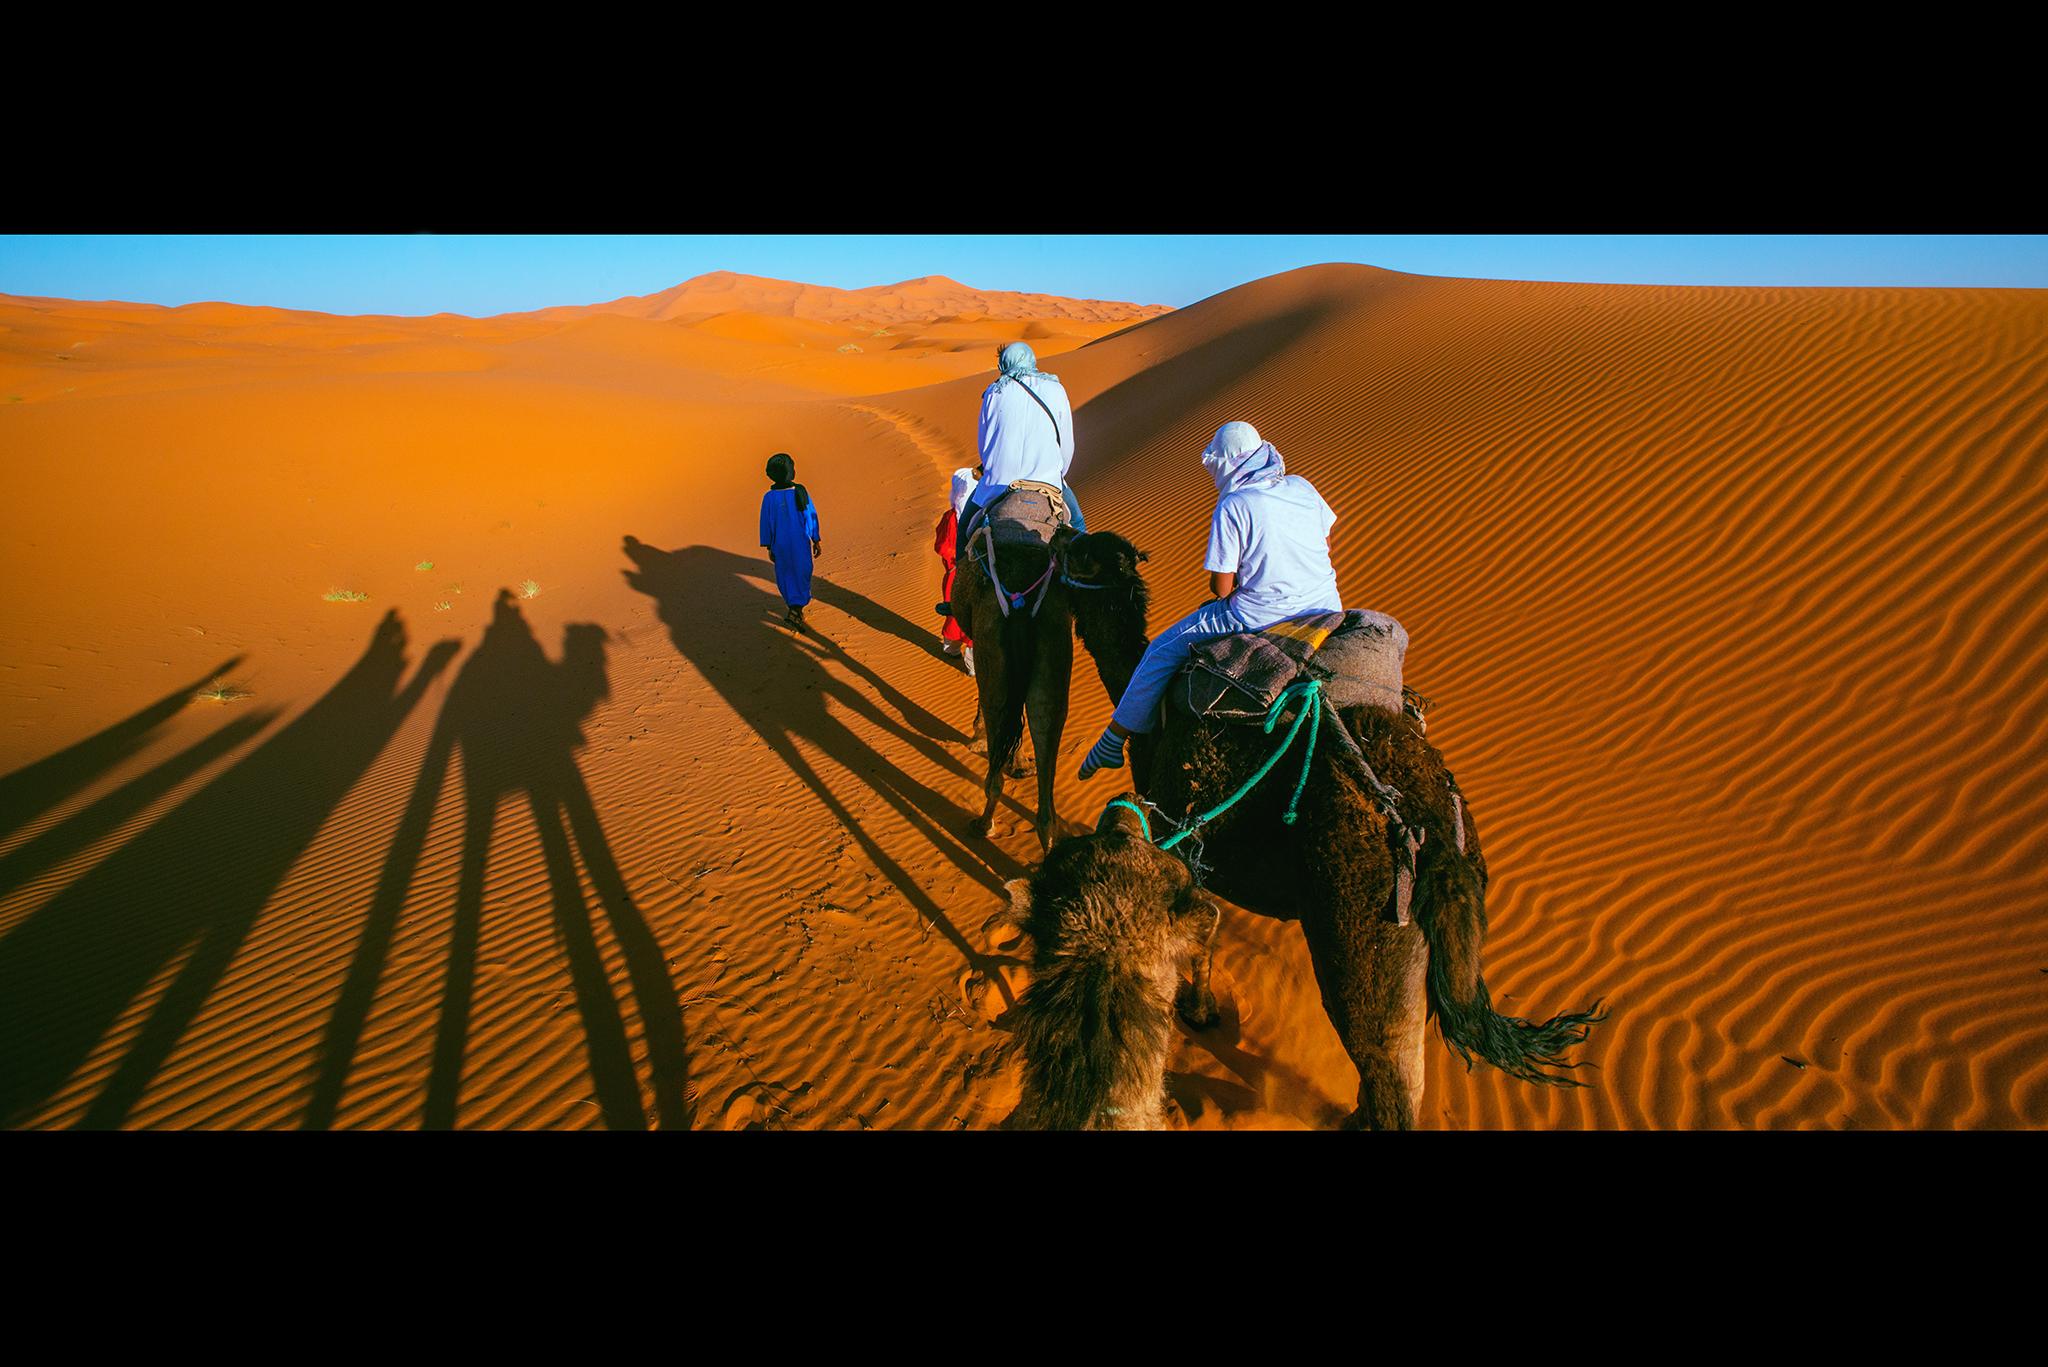 モロッコ:「サハラ砂漠/the Sahara」